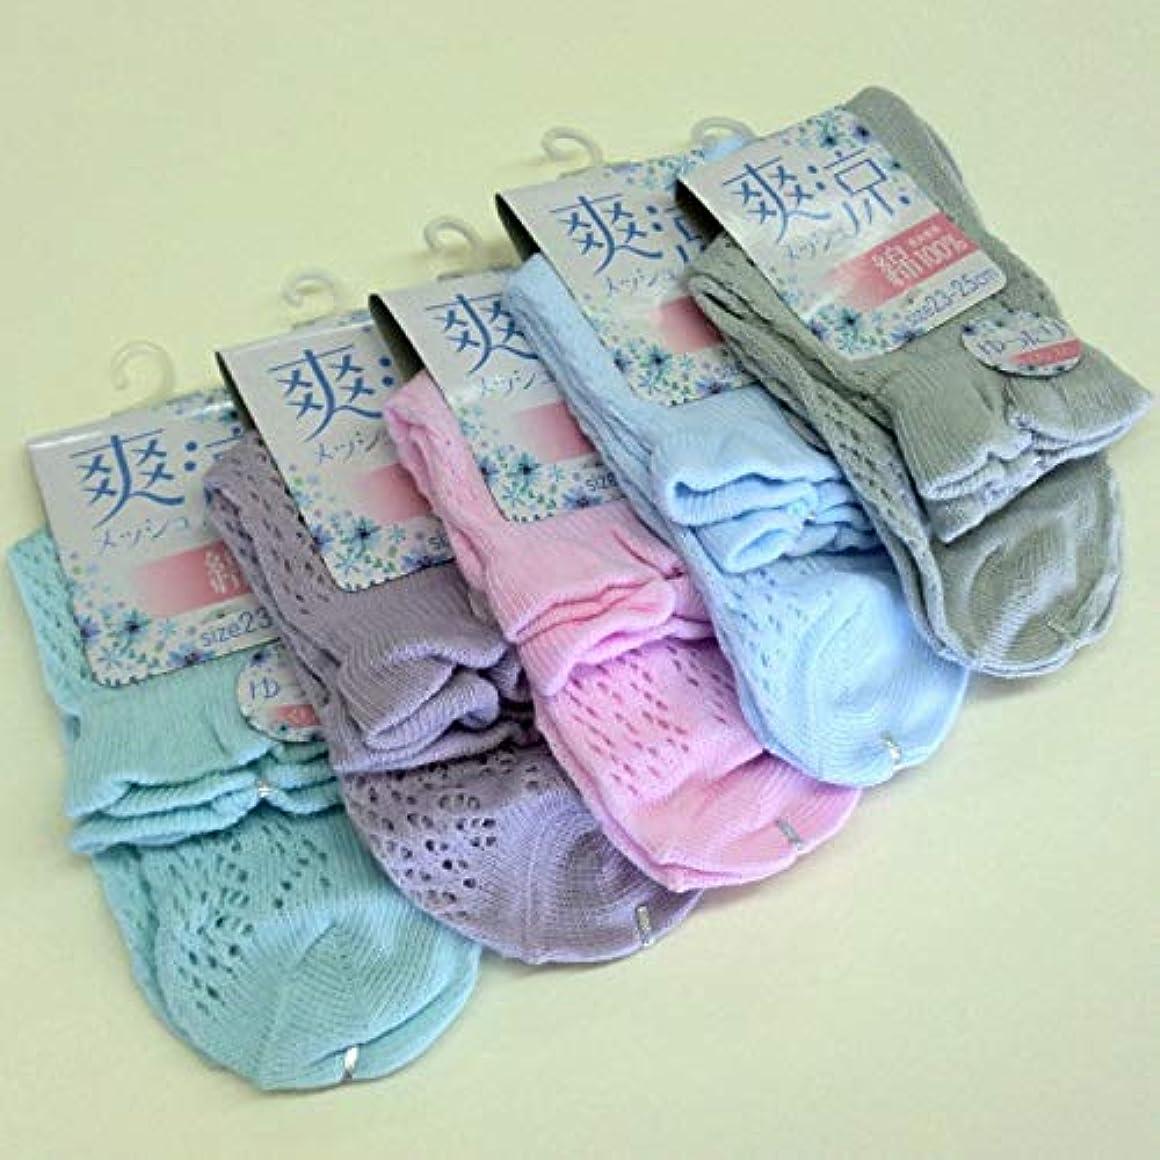 発言する欠伸援助靴下 レディース 夏 表糸綿100% 涼しいルミーソックス セット 5色5足組